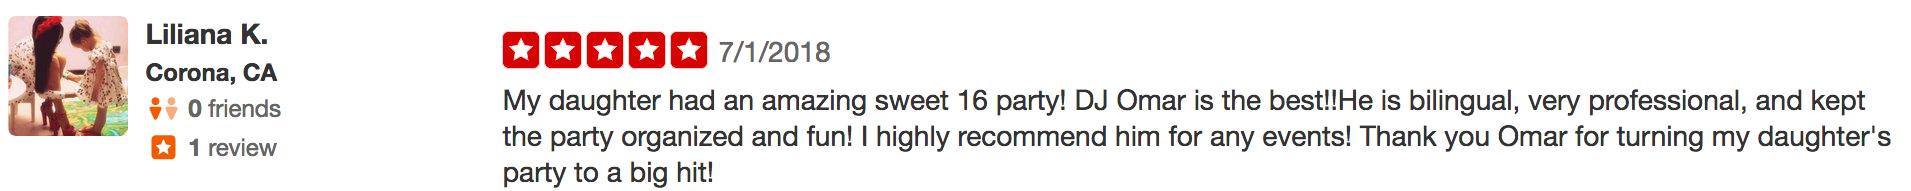 lillana dj sweet 16 5 star review